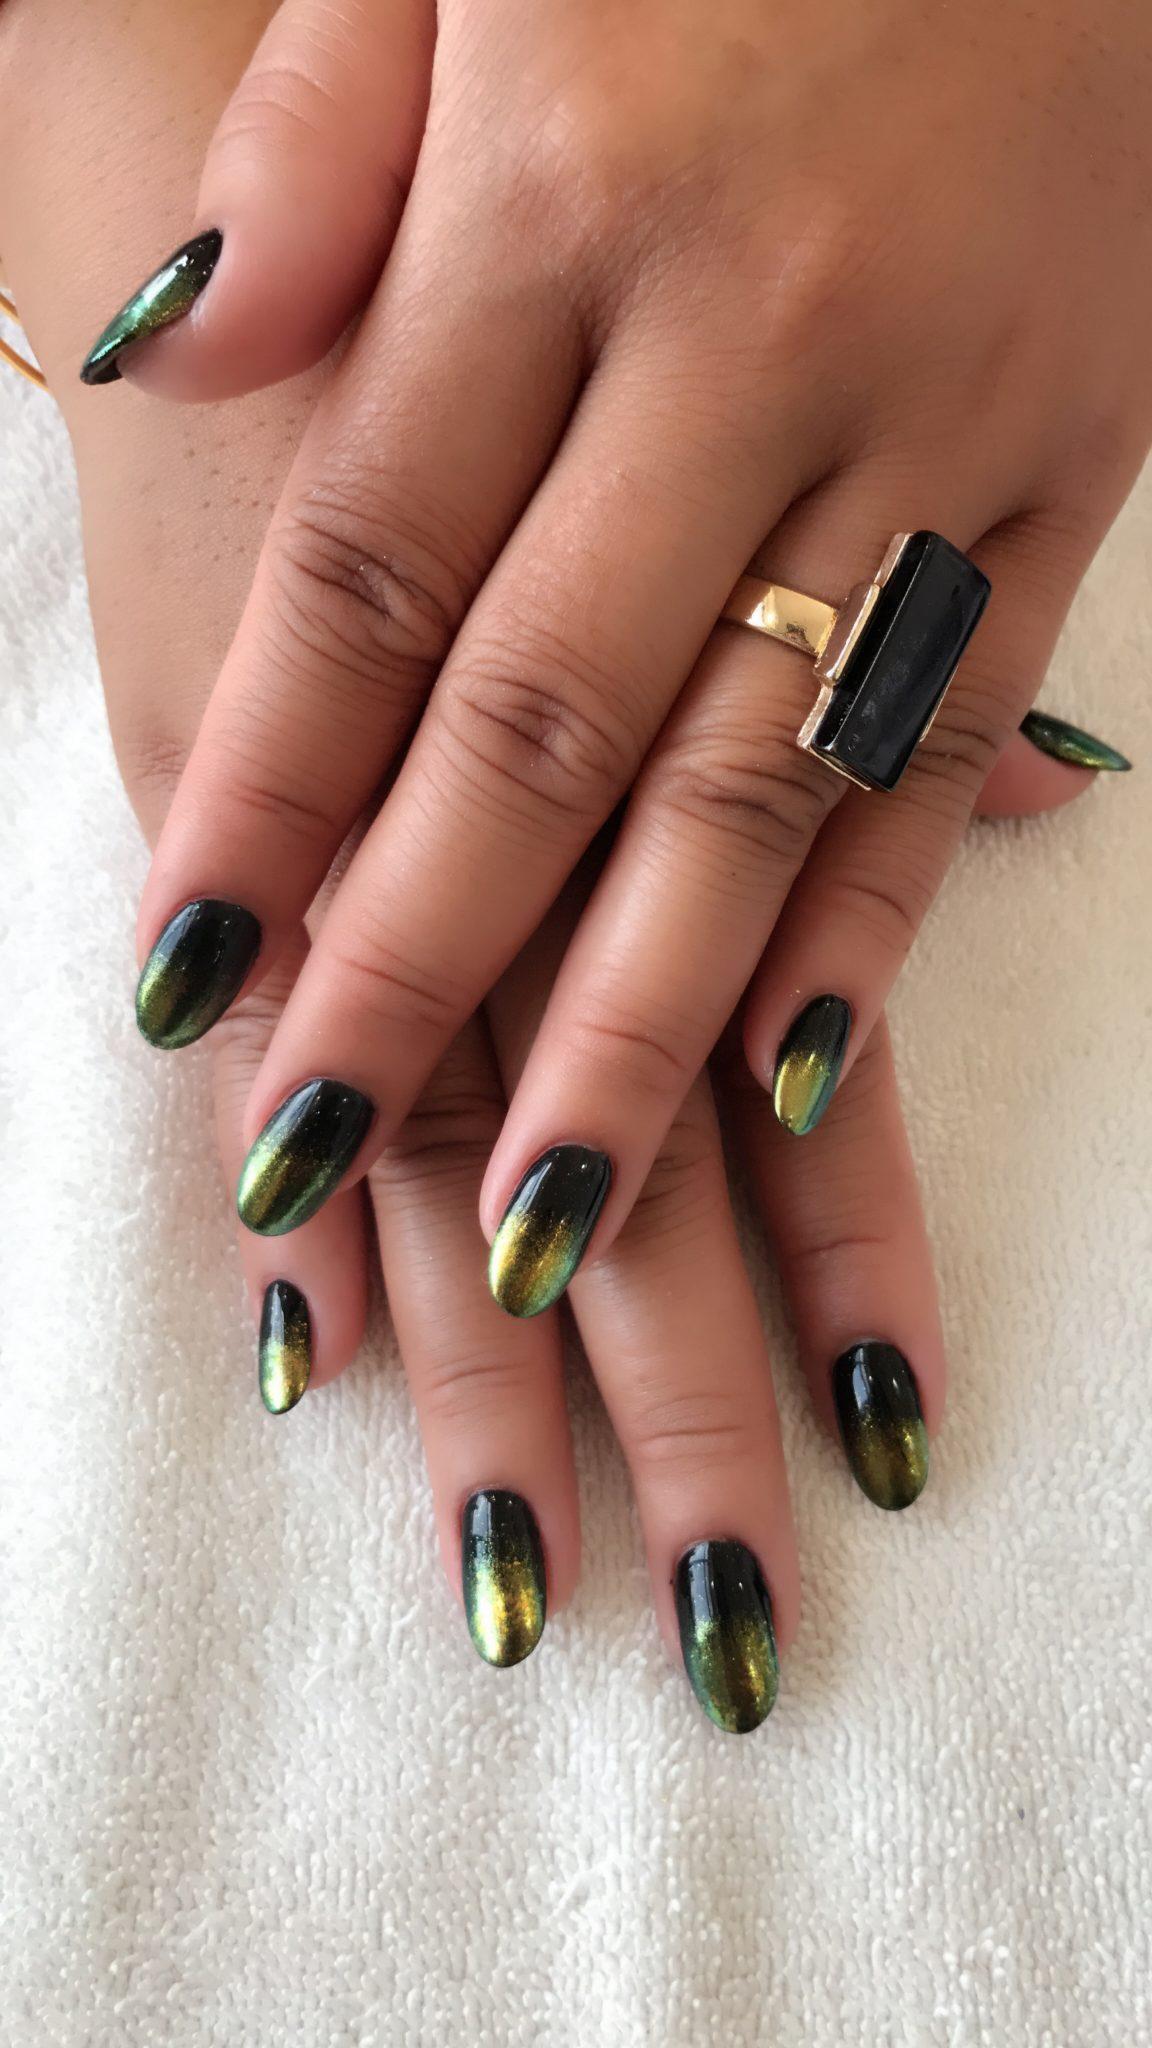 Nail Designs at Treat Your Nails Atlanta Salon